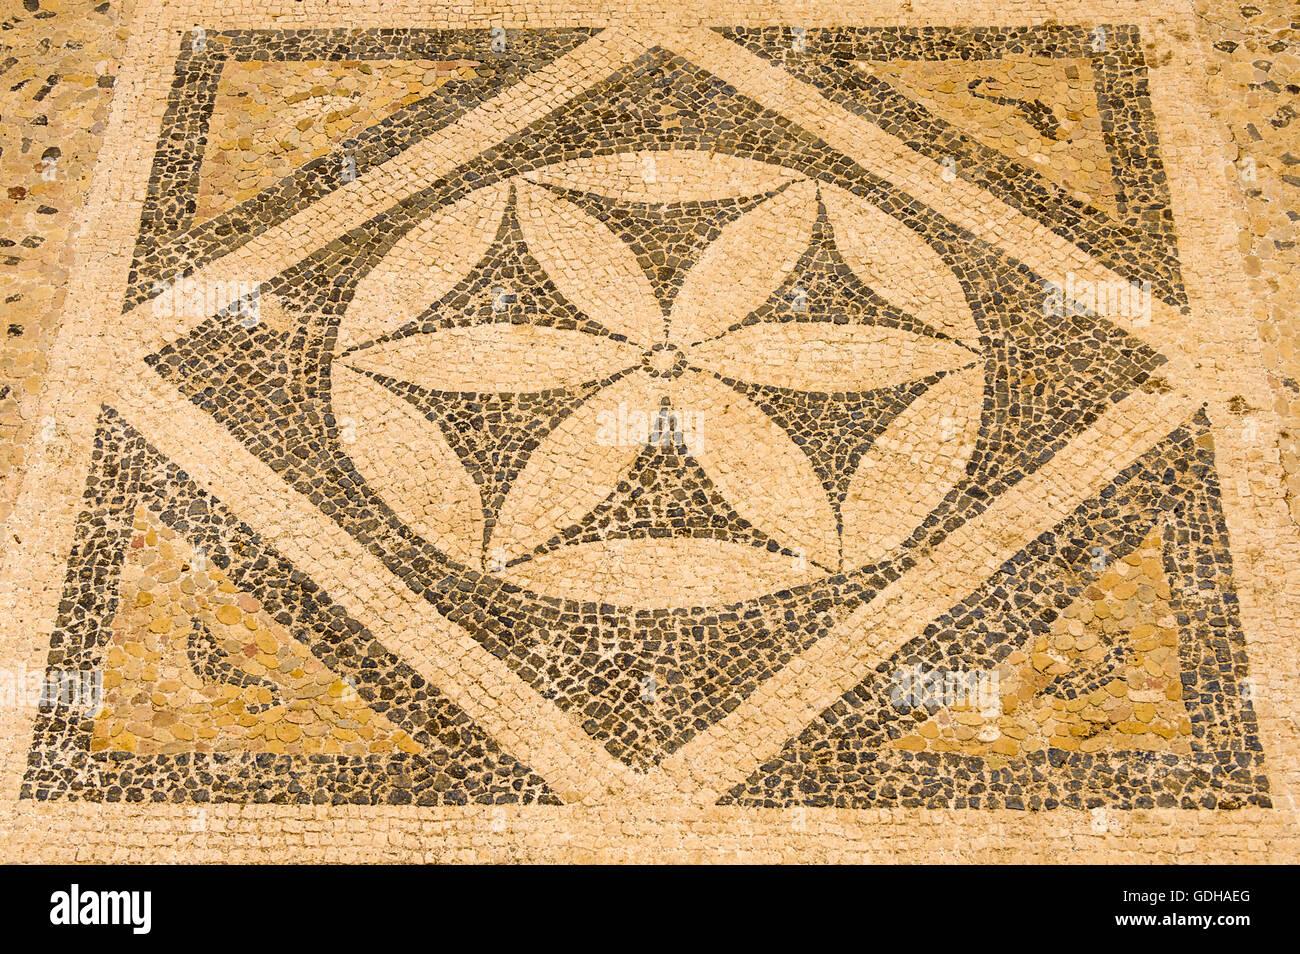 Italia Sicilia Taormina -mosaico helenístico del siglo II A.C. Imagen De Stock